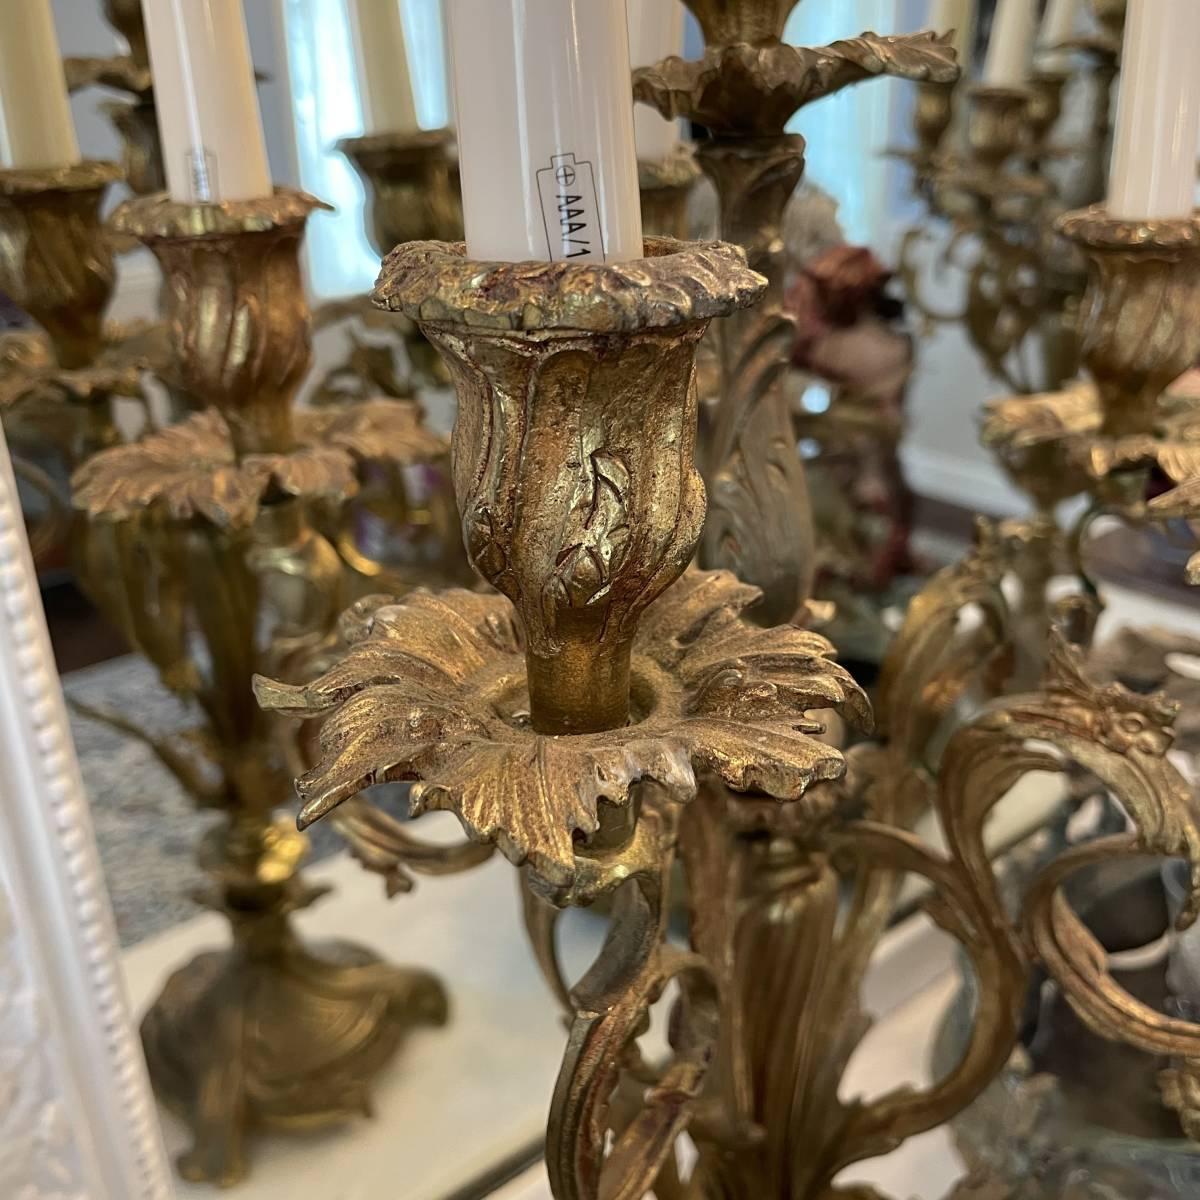 フランスアンティーク キャンドルスタンド ペア ルイ15世様式 ロココ アンティーク シャンデリア 蝋台 大型 セット_画像7